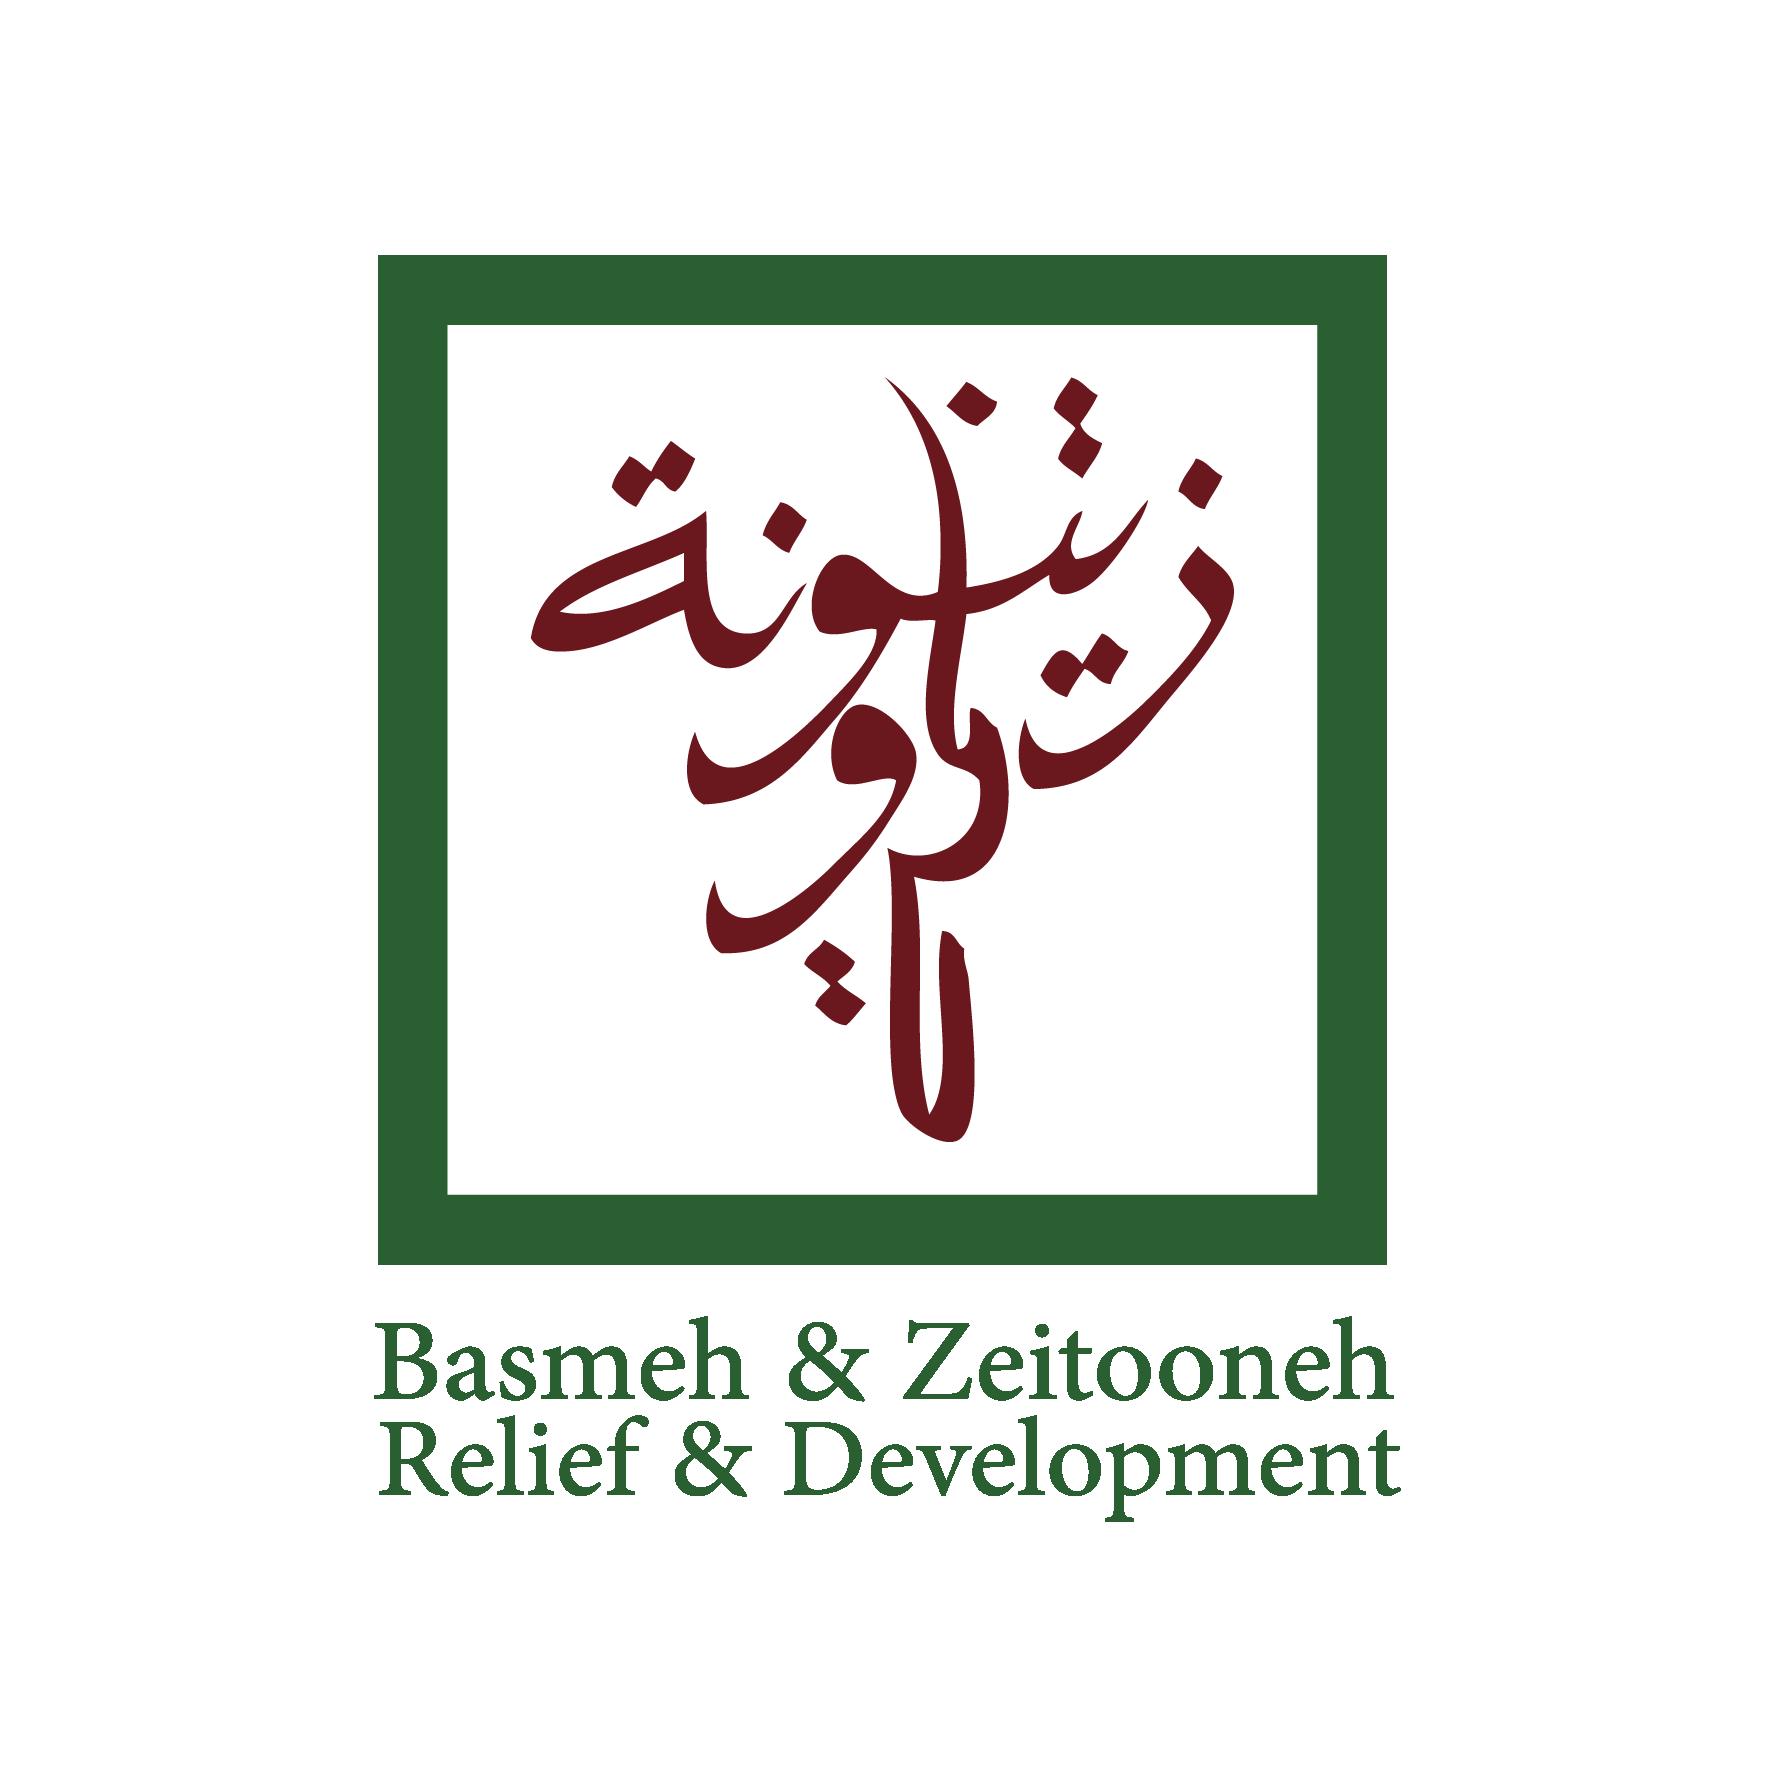 B&Z logo